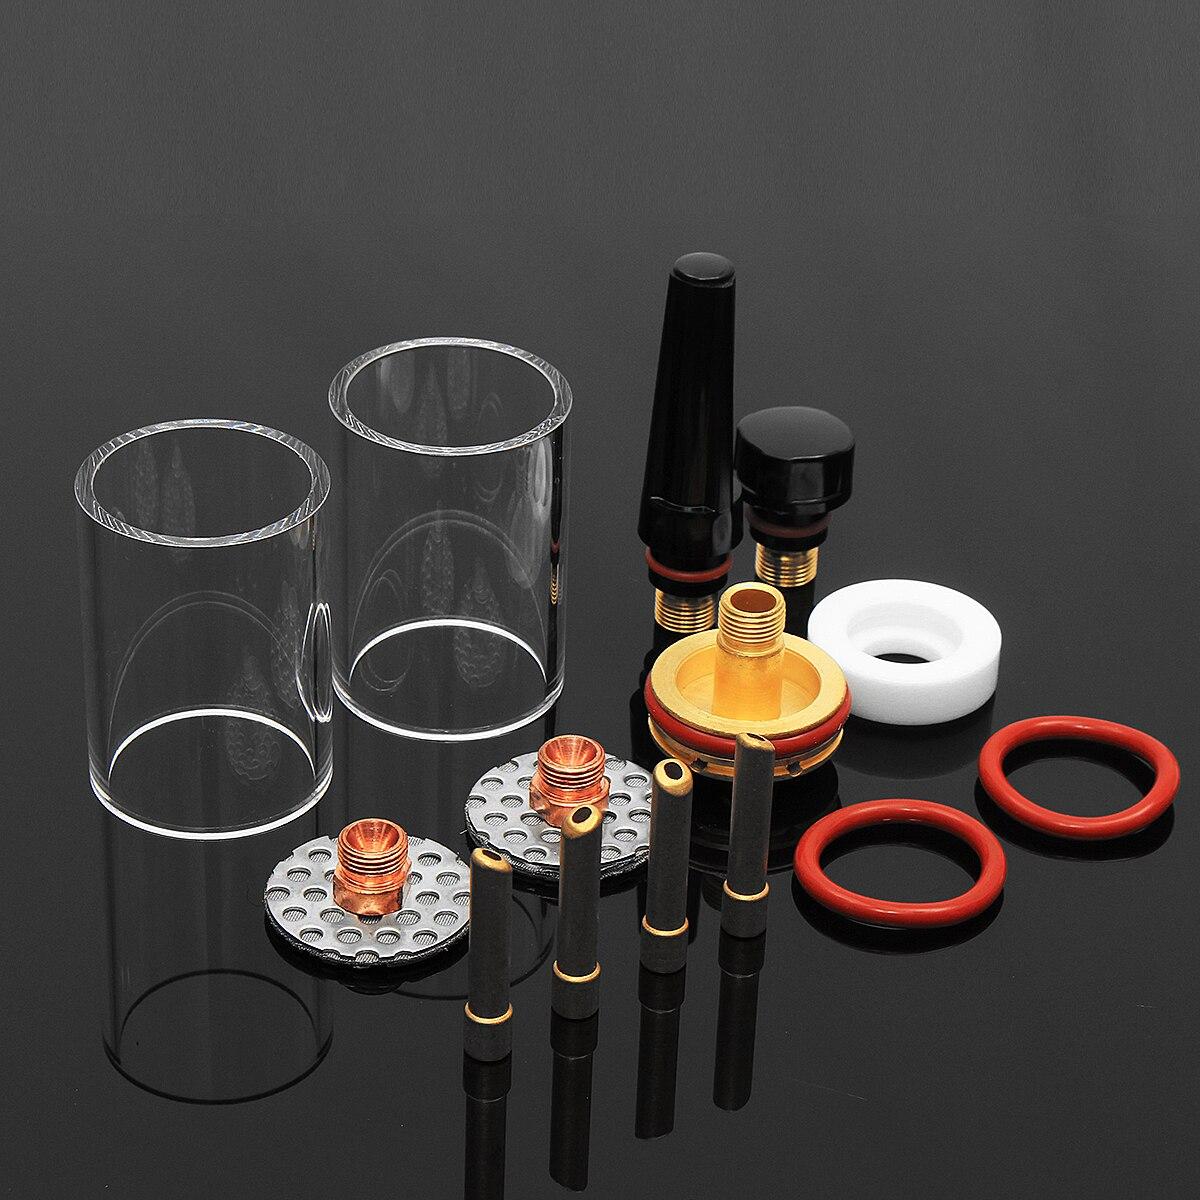 1Set 14Pcs TIG Welding Torch Stubby Gas Lens Glass Cup Kit For WP17/18/26 Series 2.4mm 3/32'' 1set 14pcs tig welding torch stubby gas lens glass pyrex cup kit 3 2mm 1 8 for wp17 18 26 welding series